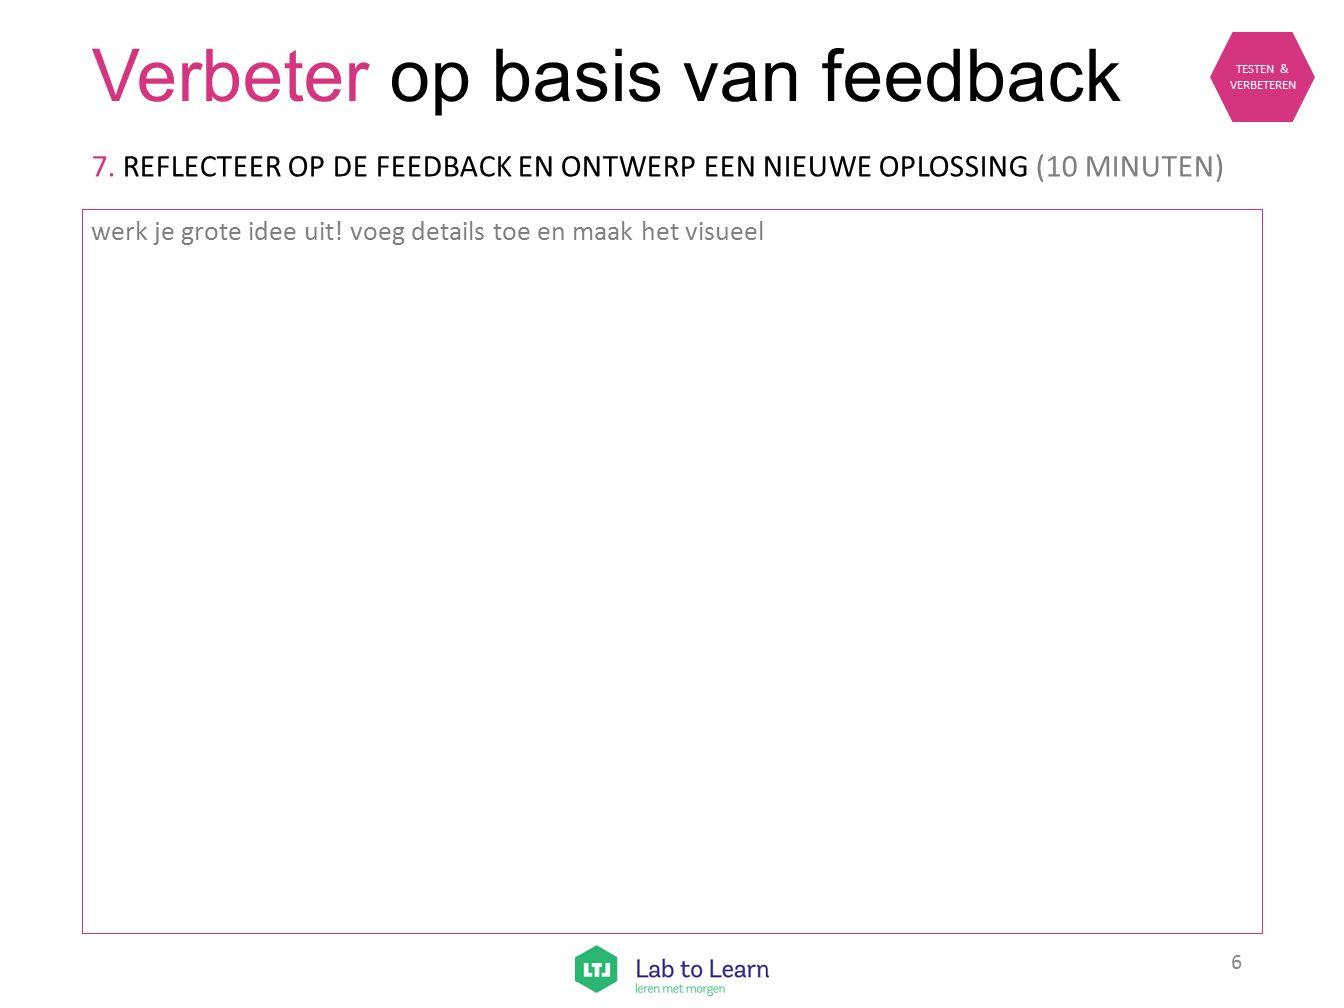 Verbeter op basis van feedback werk je grote idee uit.